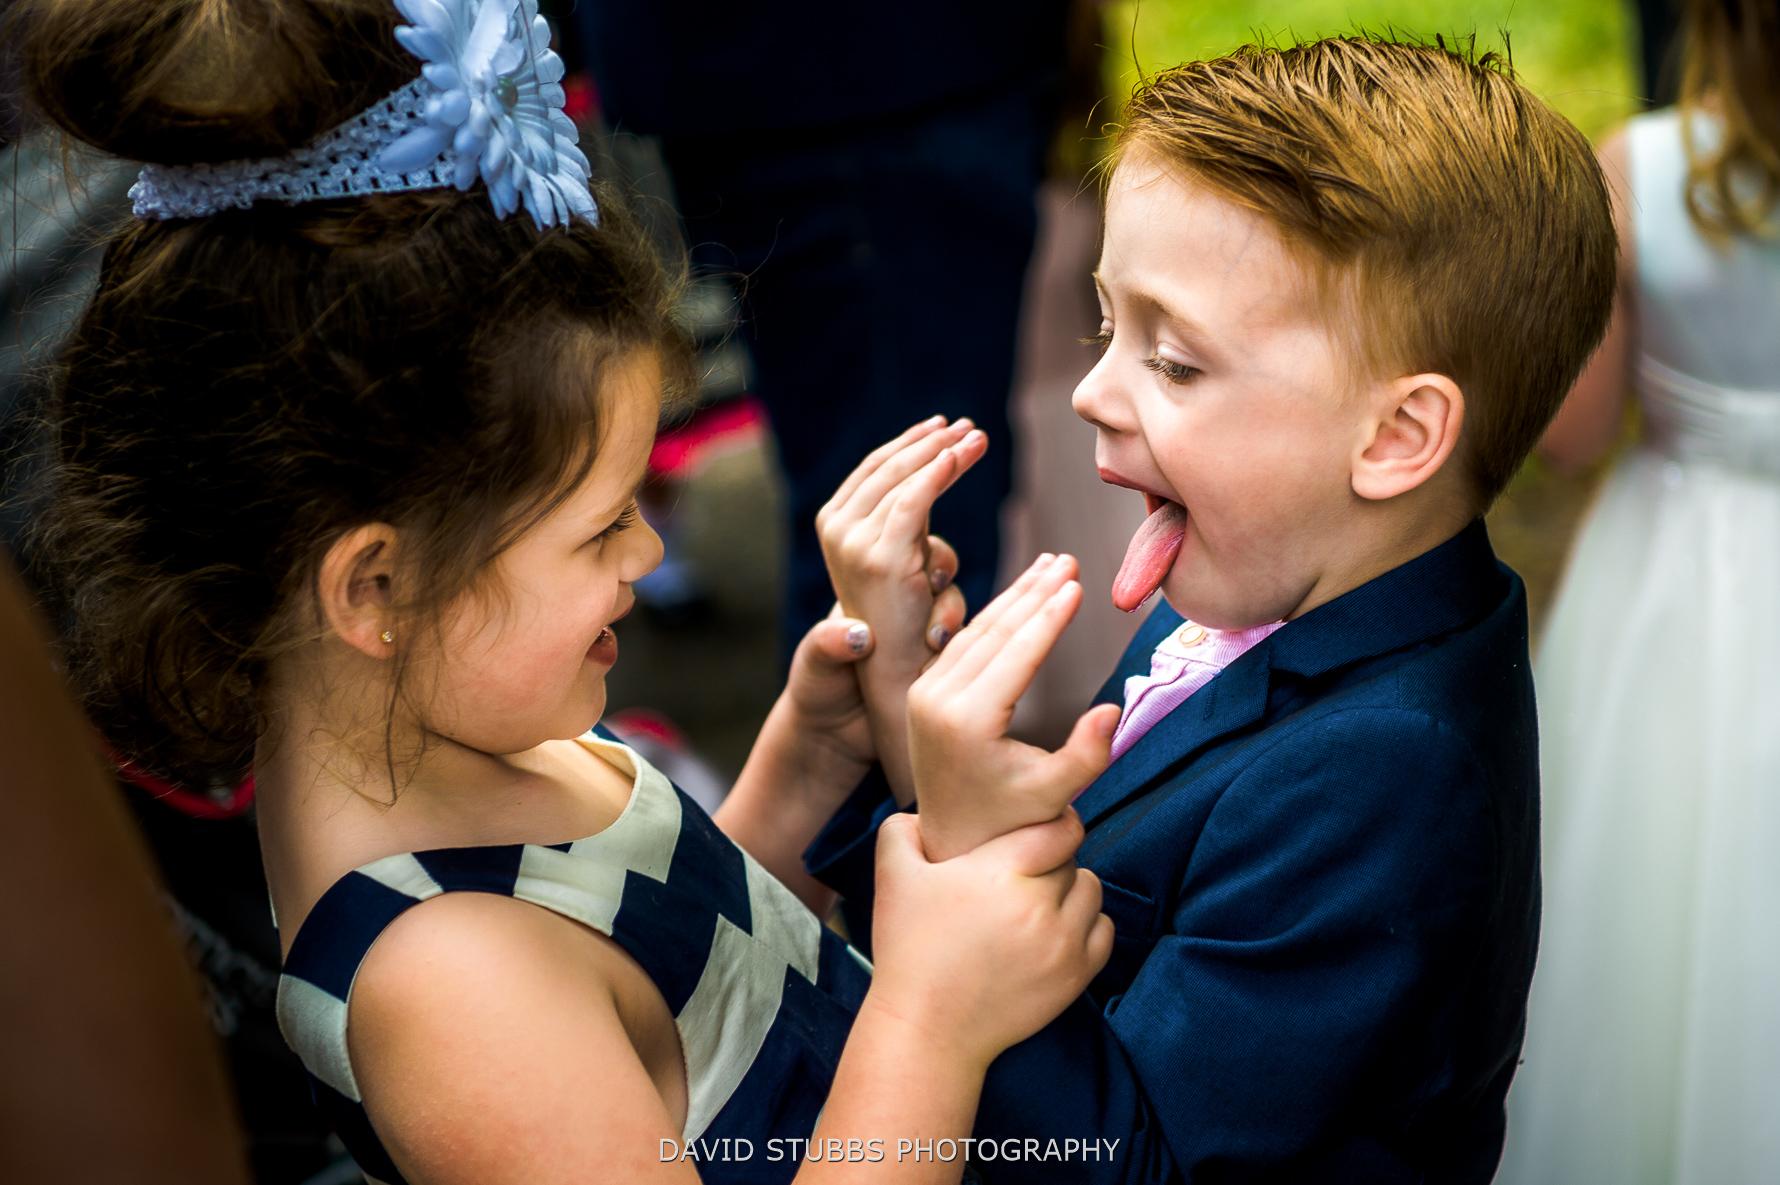 kids beign silly